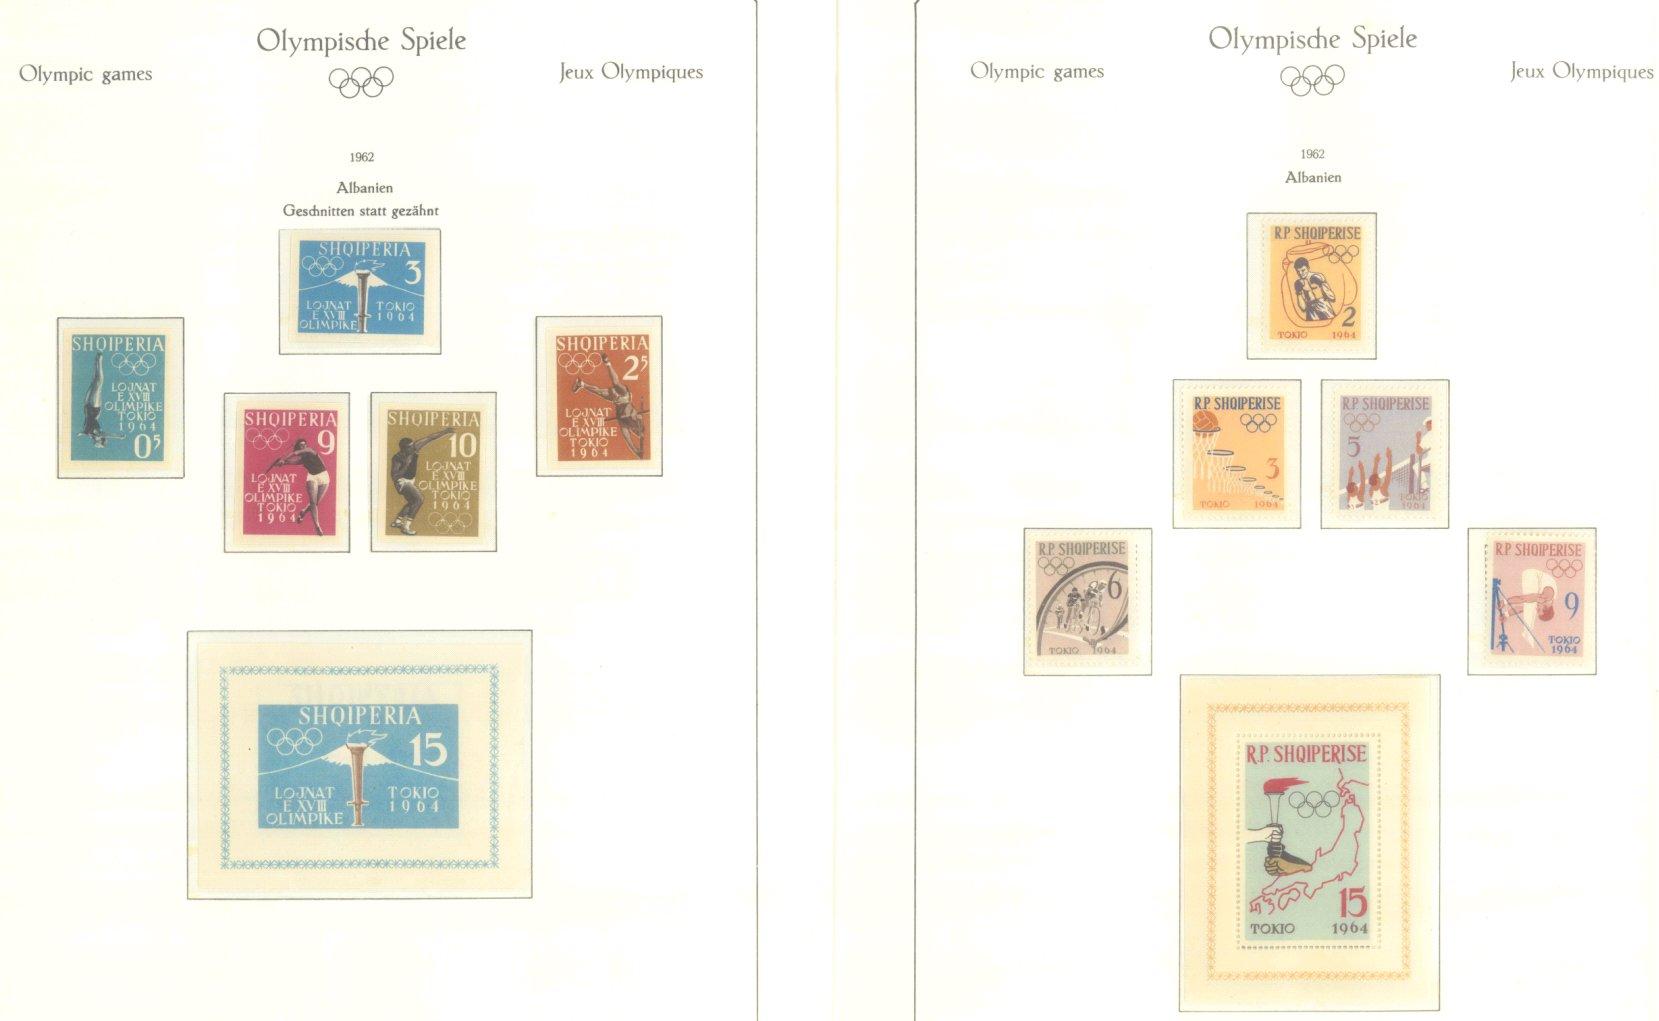 OLYMPISCHE SPIELE 1964 TOKIO, postfrische Sammlung Teil 1-52